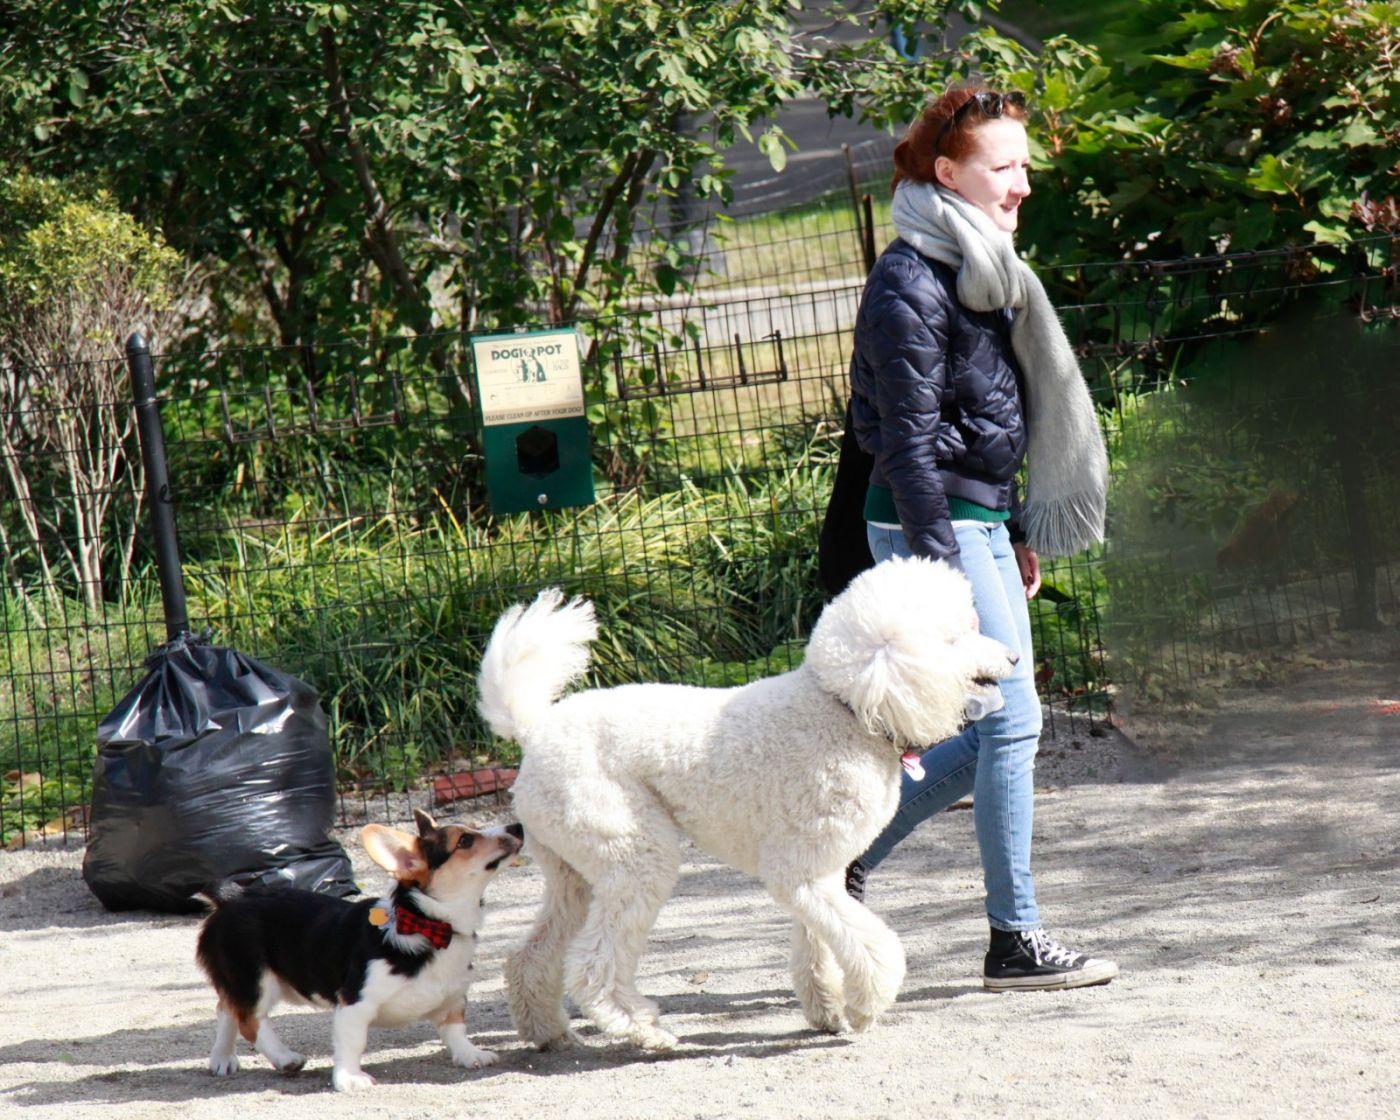 养狗爱好者带了爱犬欢聚一堂,相互交流_图1-8